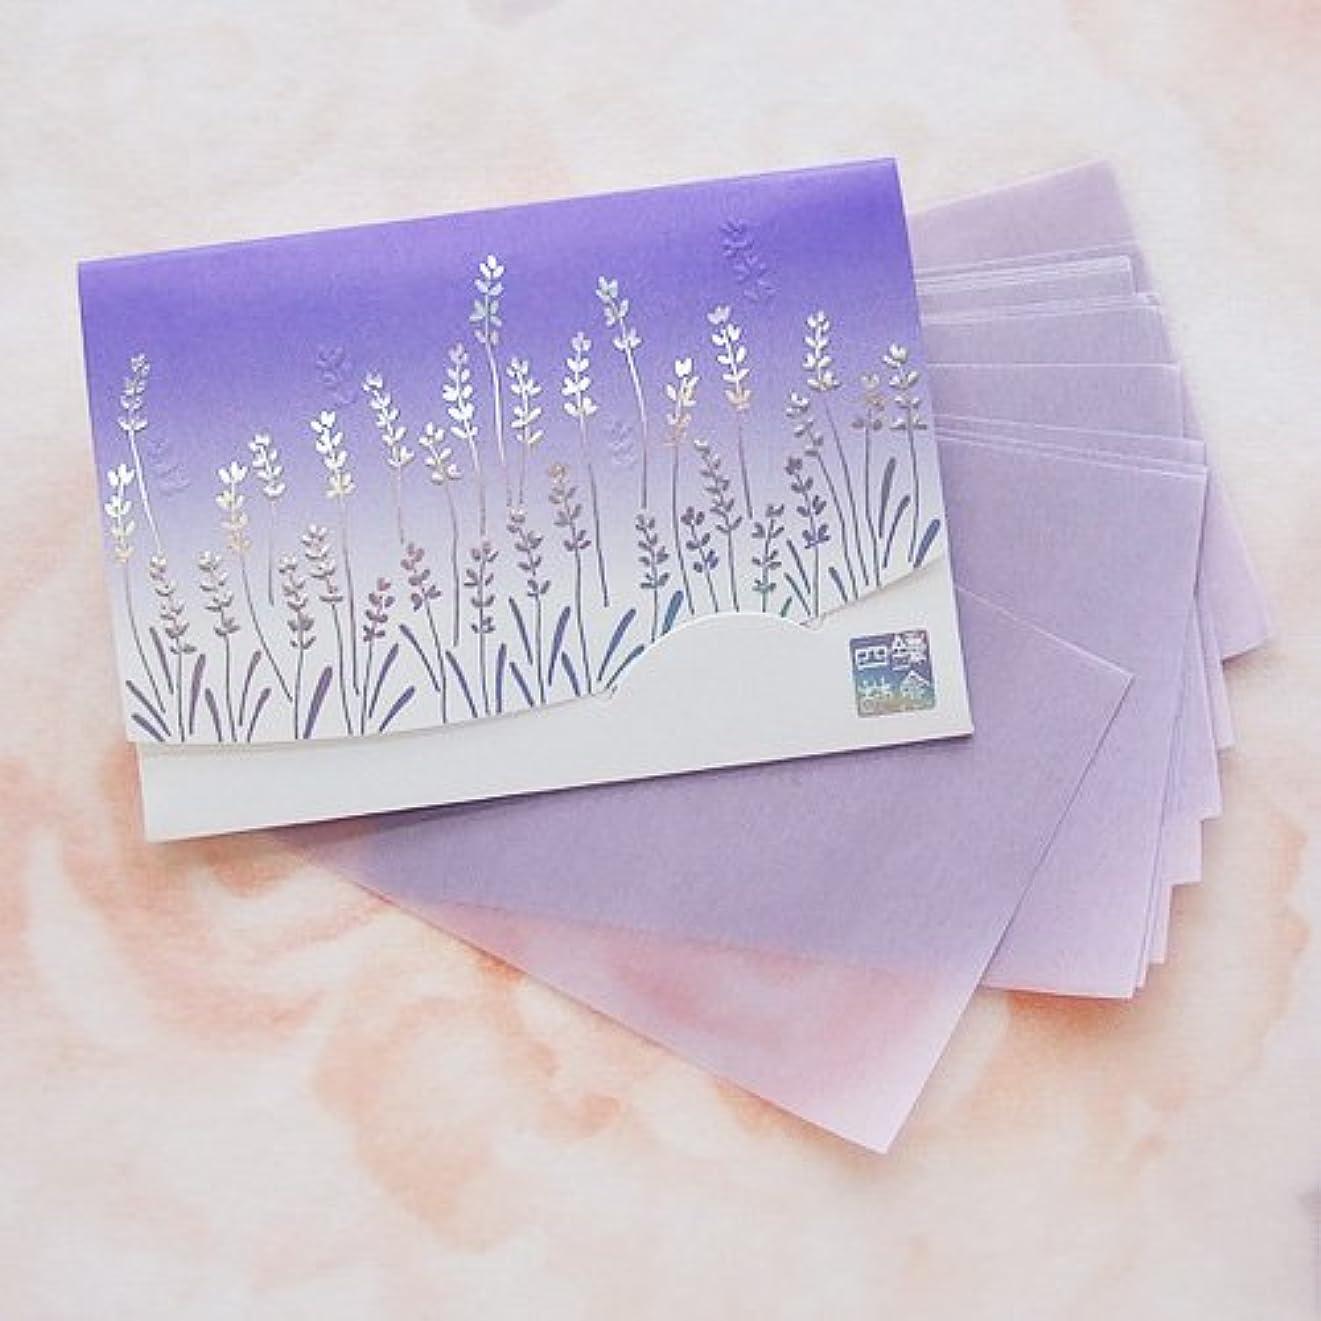 有効数トン鎌倉四葩のあぶらとり紙 きらめき香りラベンダー 短冊サイズ 20枚入